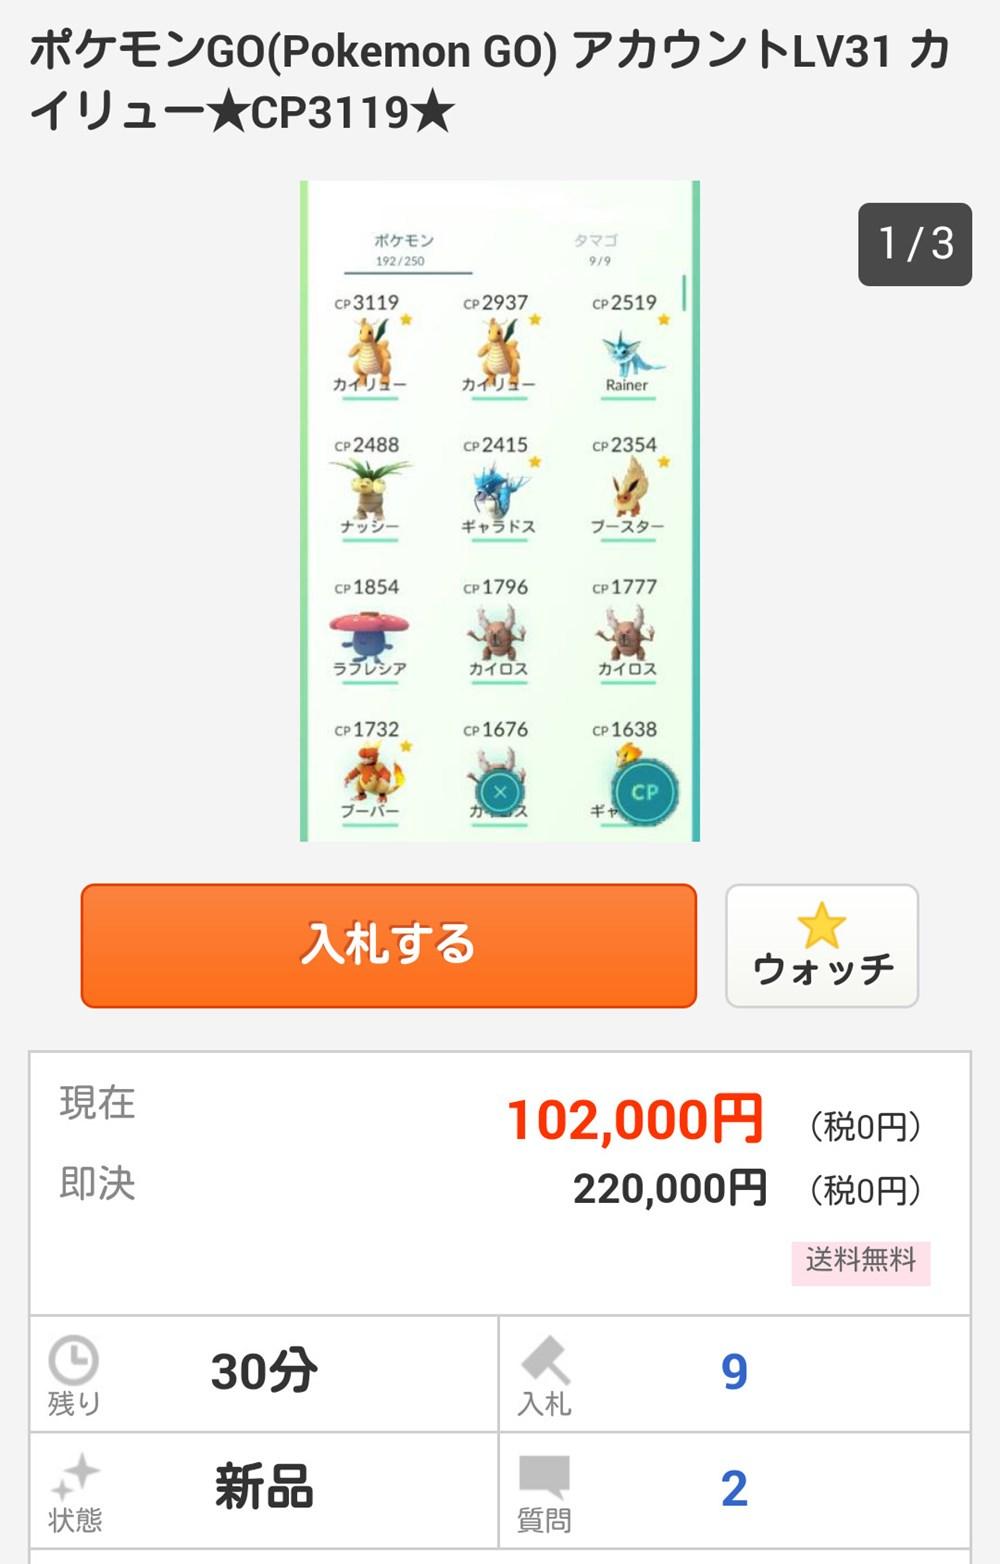 10万円で取引されるポケモンGOアカウント